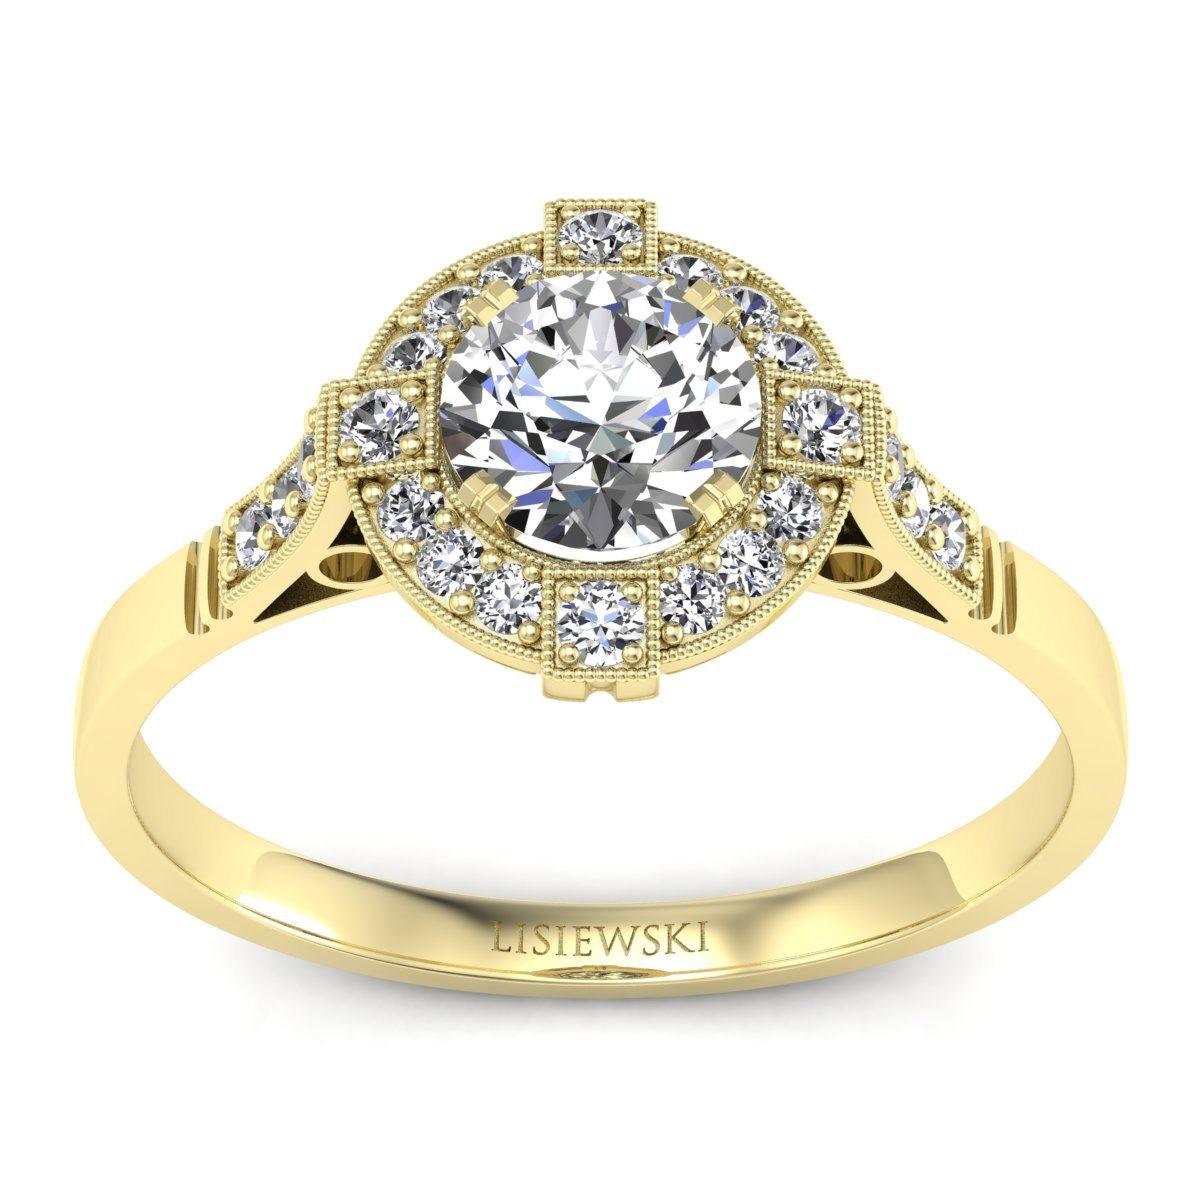 Audrey - Złoty pierścionek z diamentami